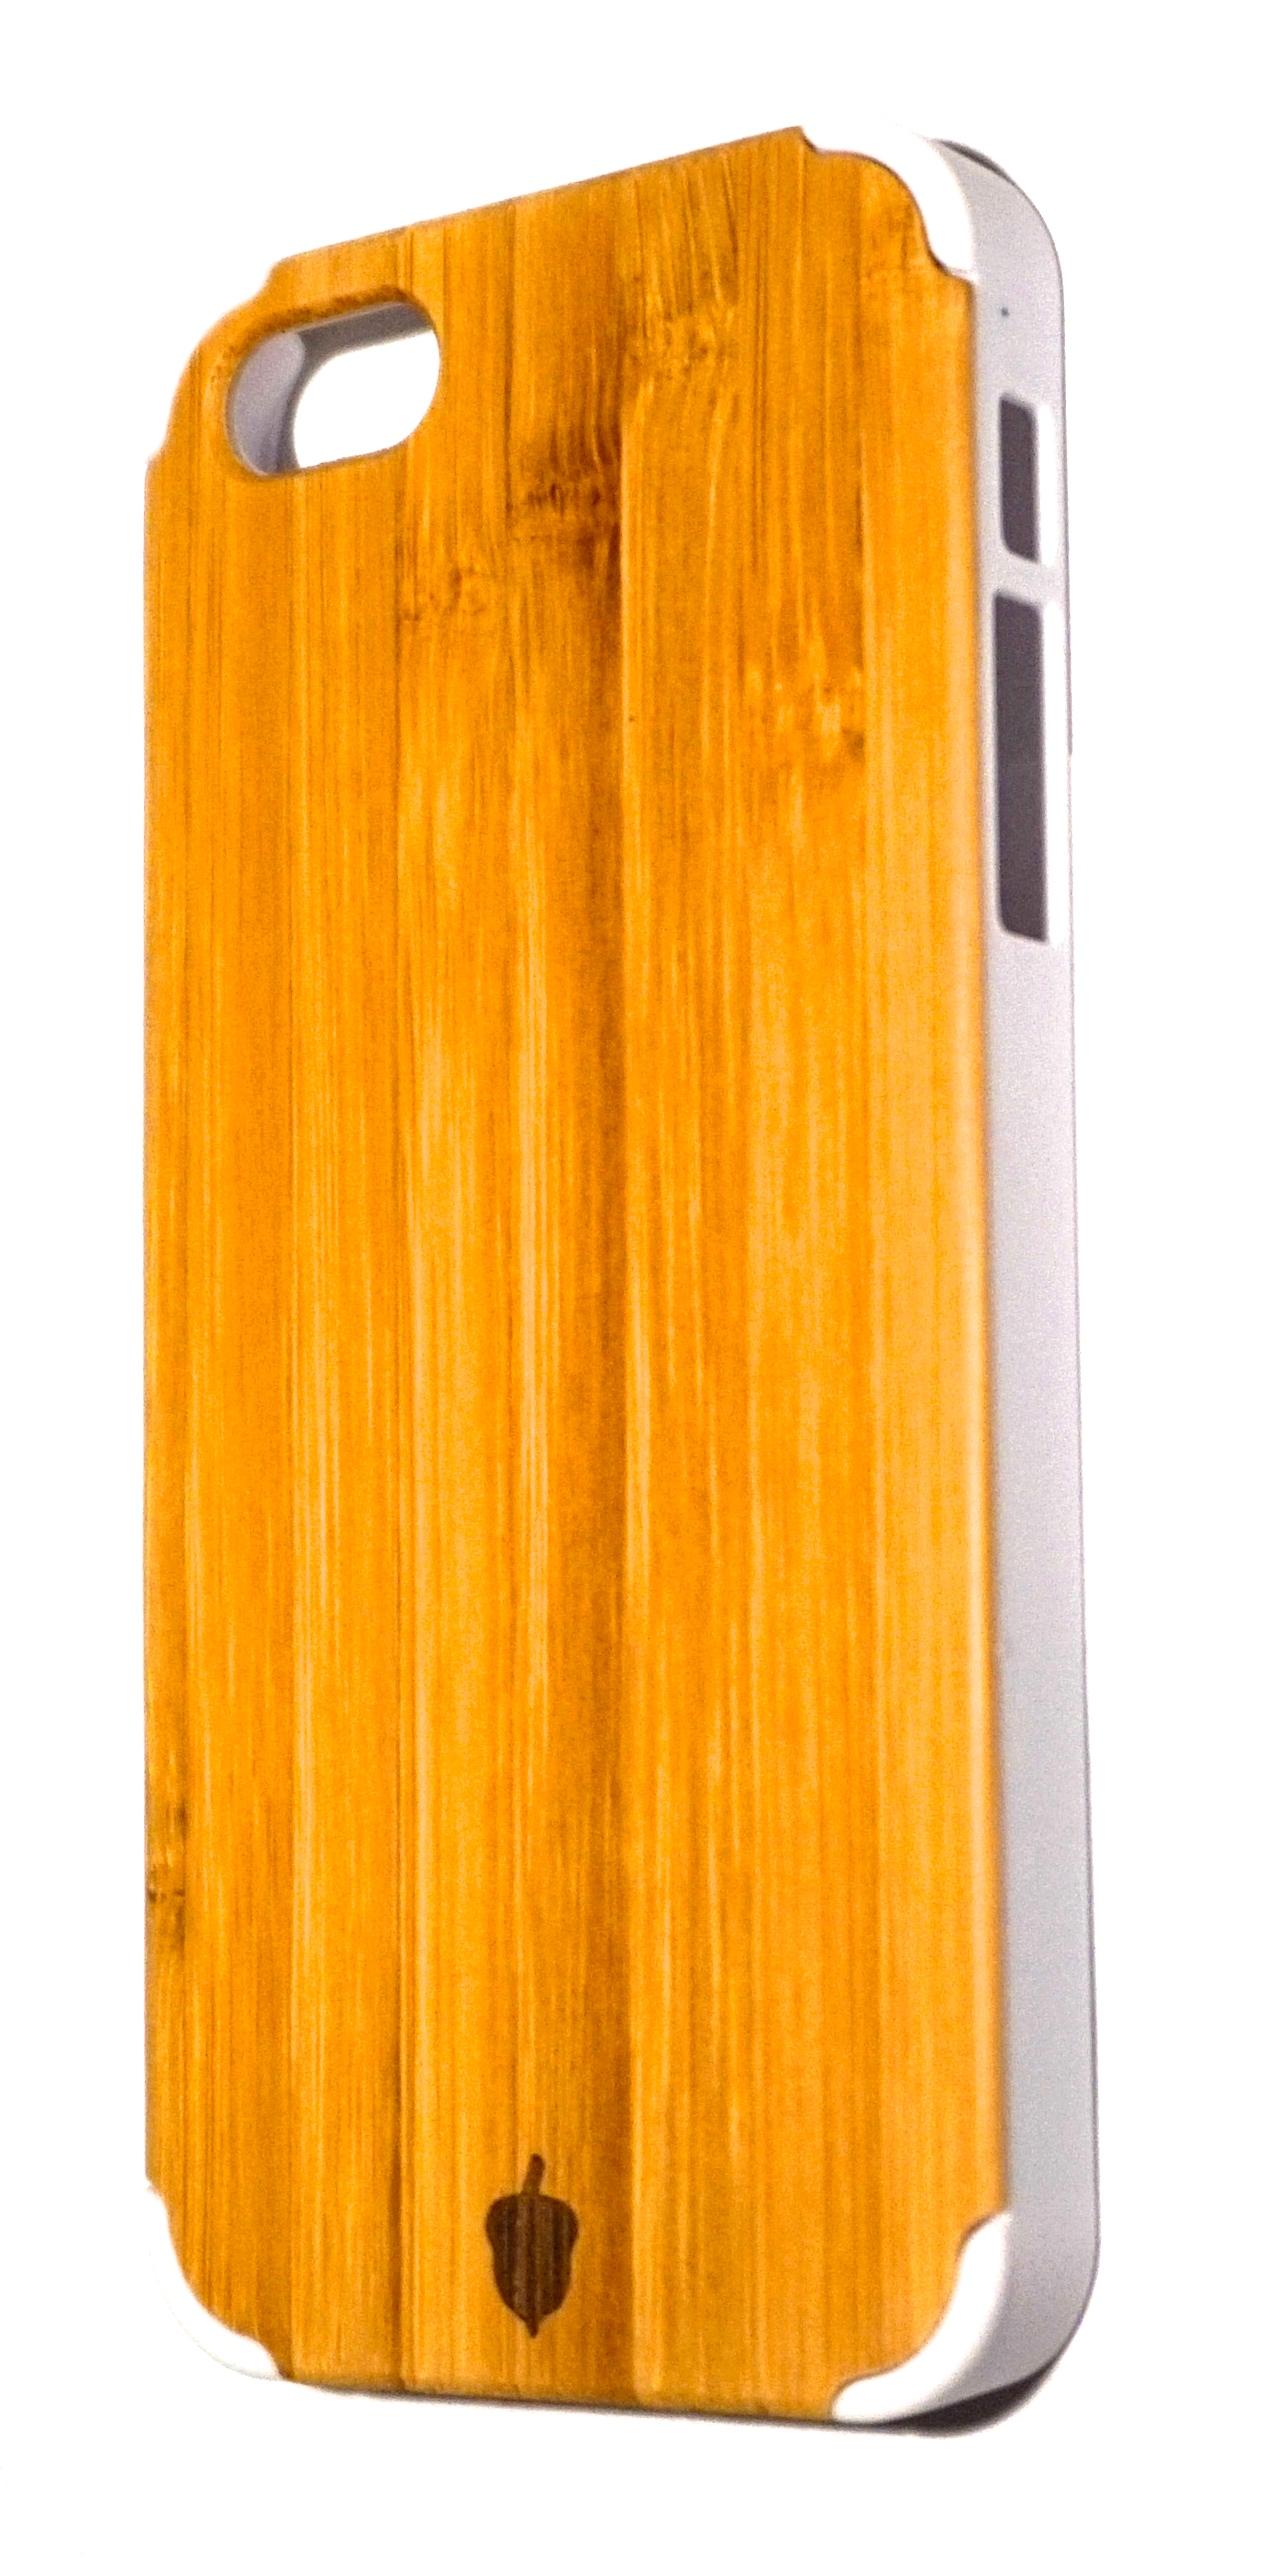 Acorn Audio white iPhone 5 cover